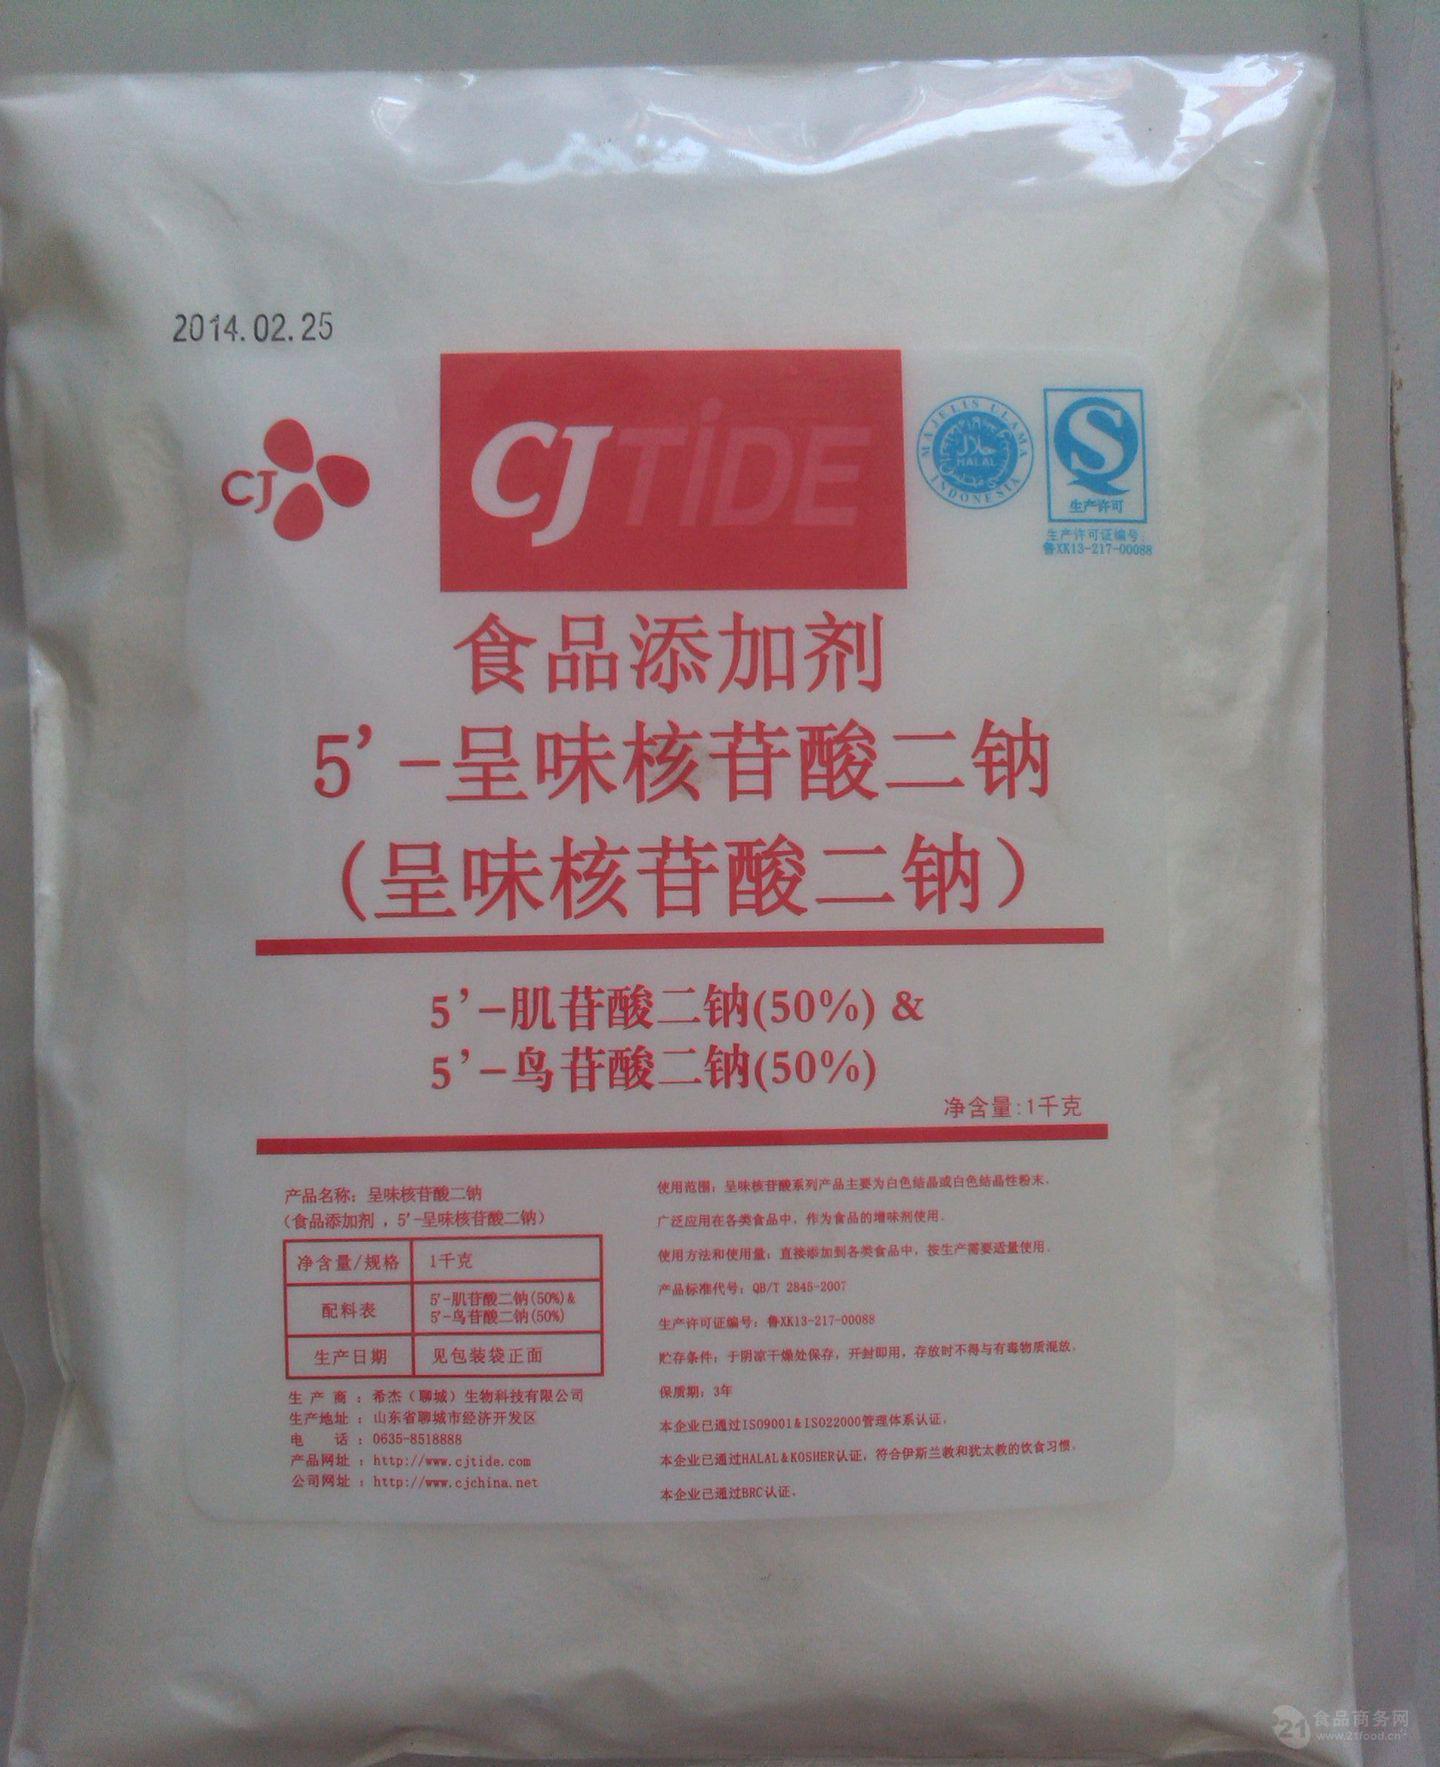 供应正品食品级呈味核苷酸二钠 I+G 鲜味剂